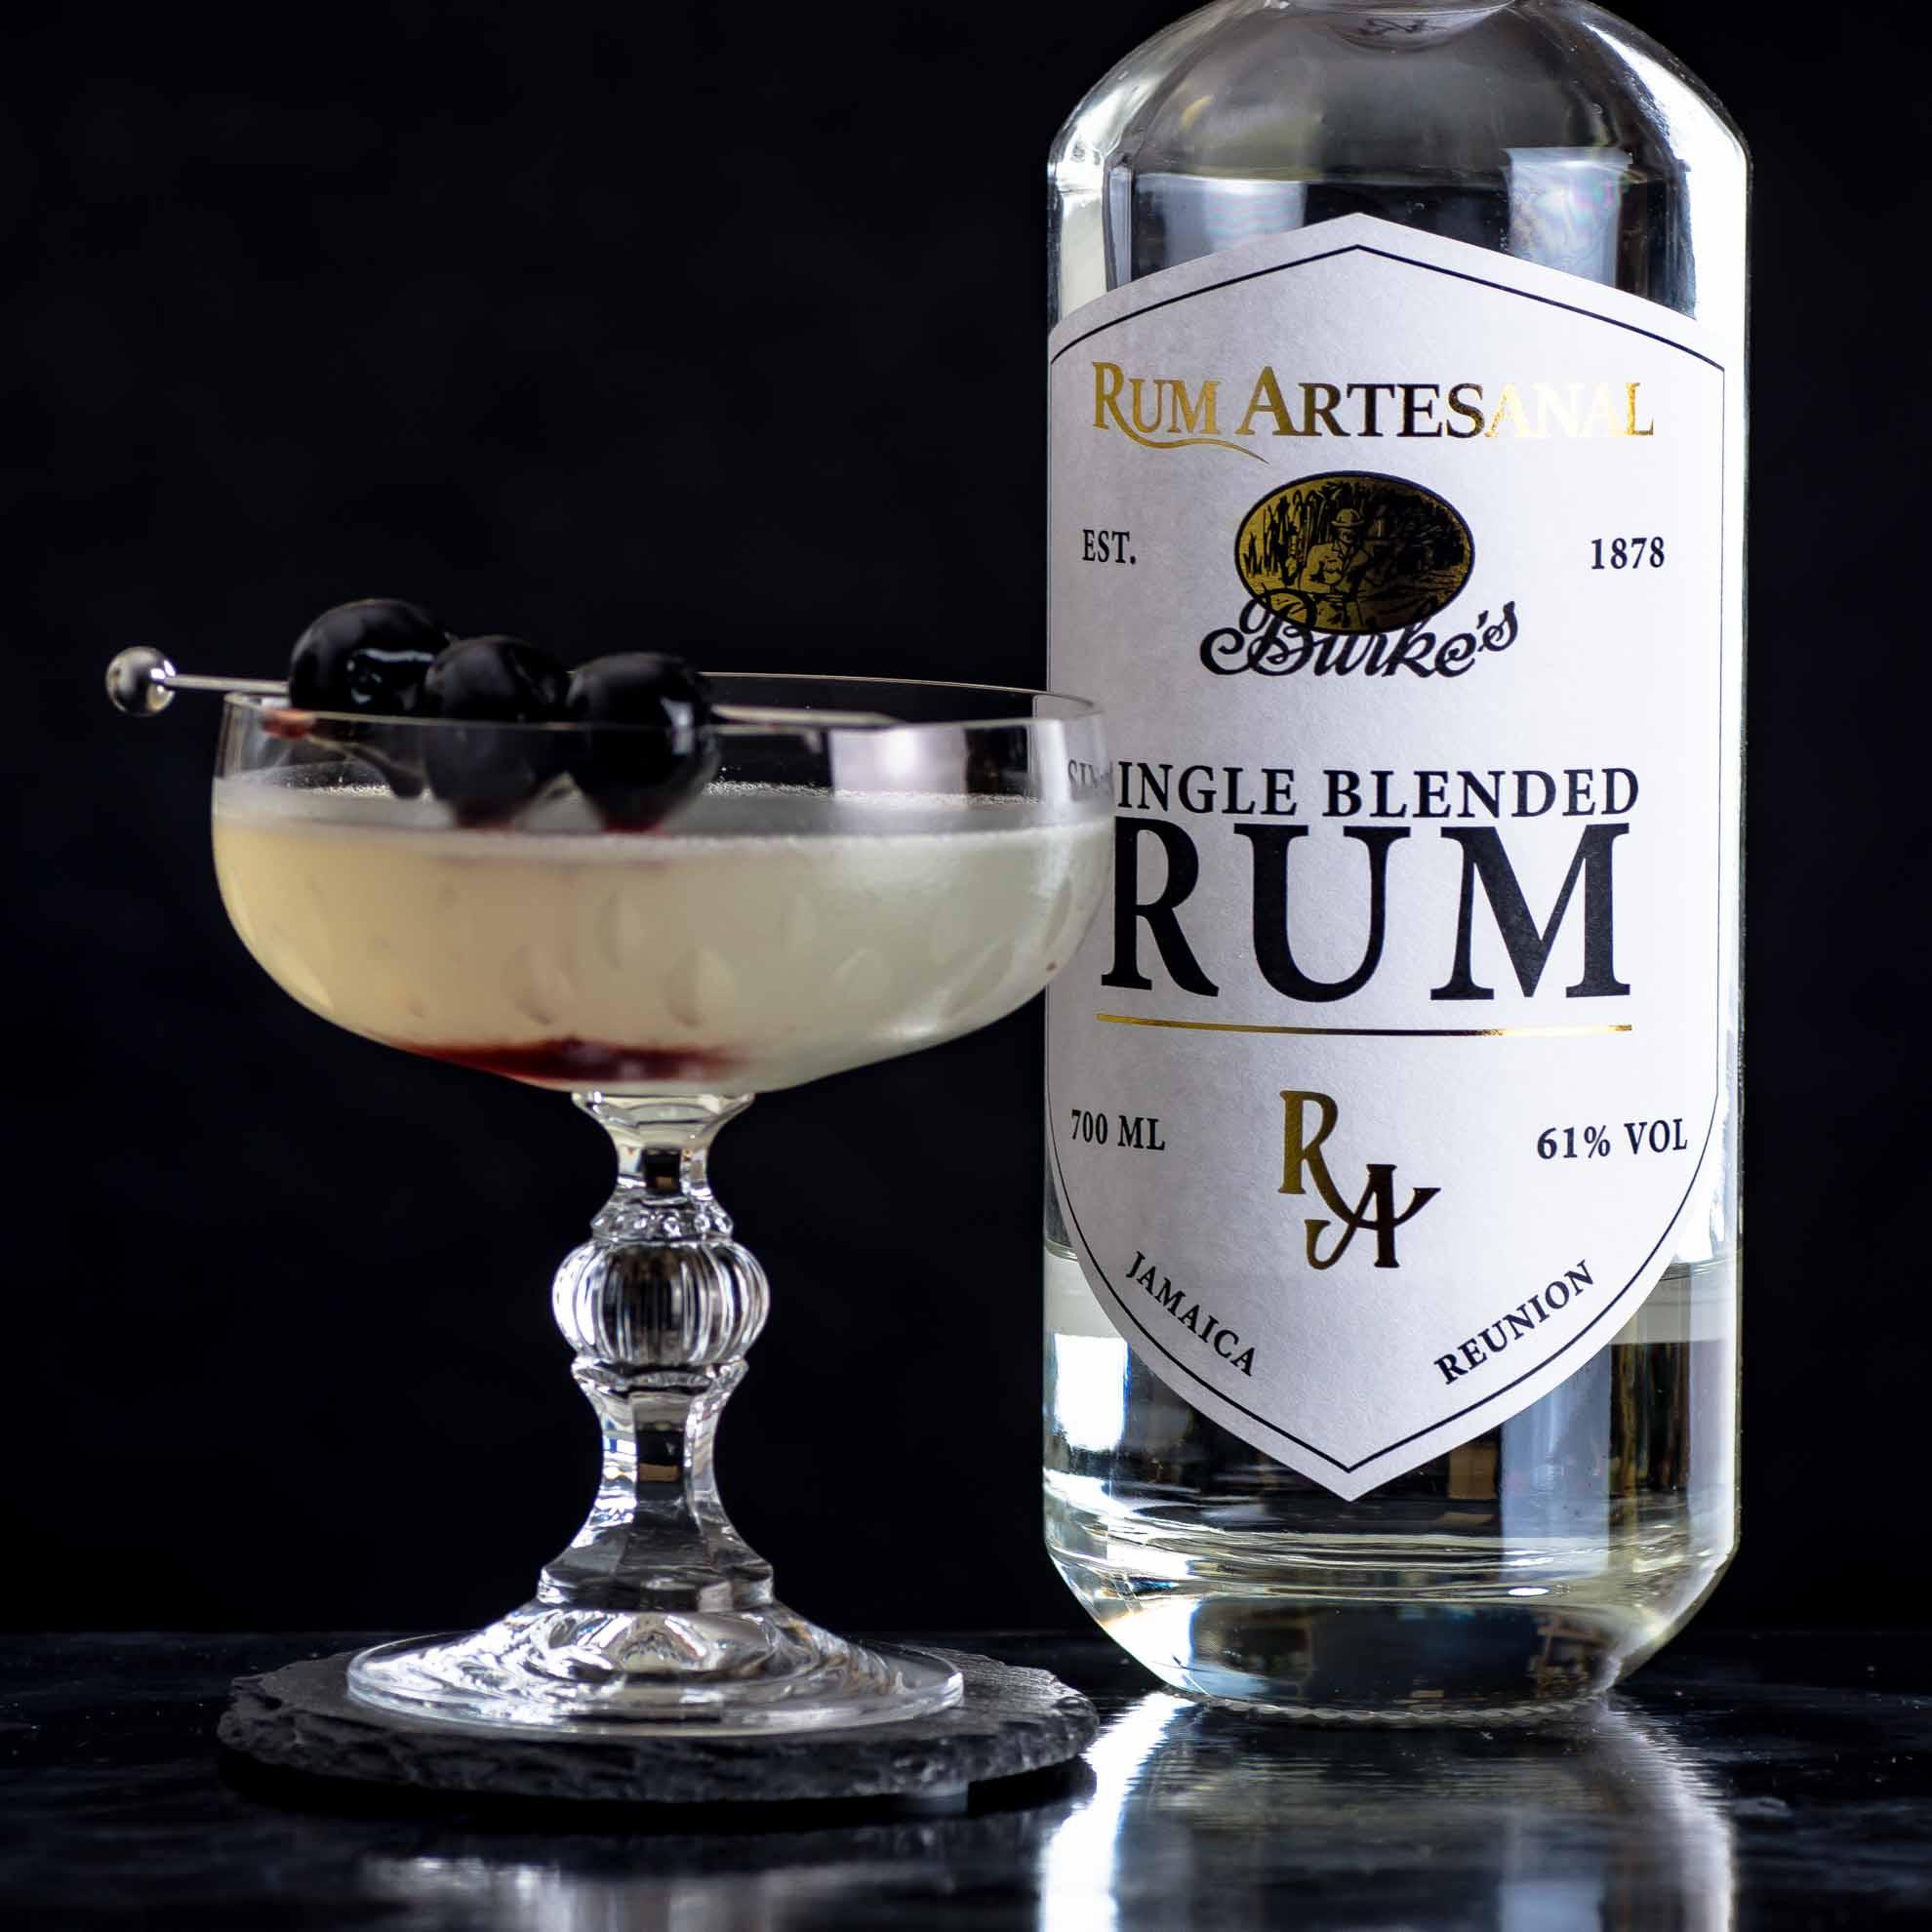 Ein Love Triangle mit Rum Artesanal Burke's White Single Blended Rum.